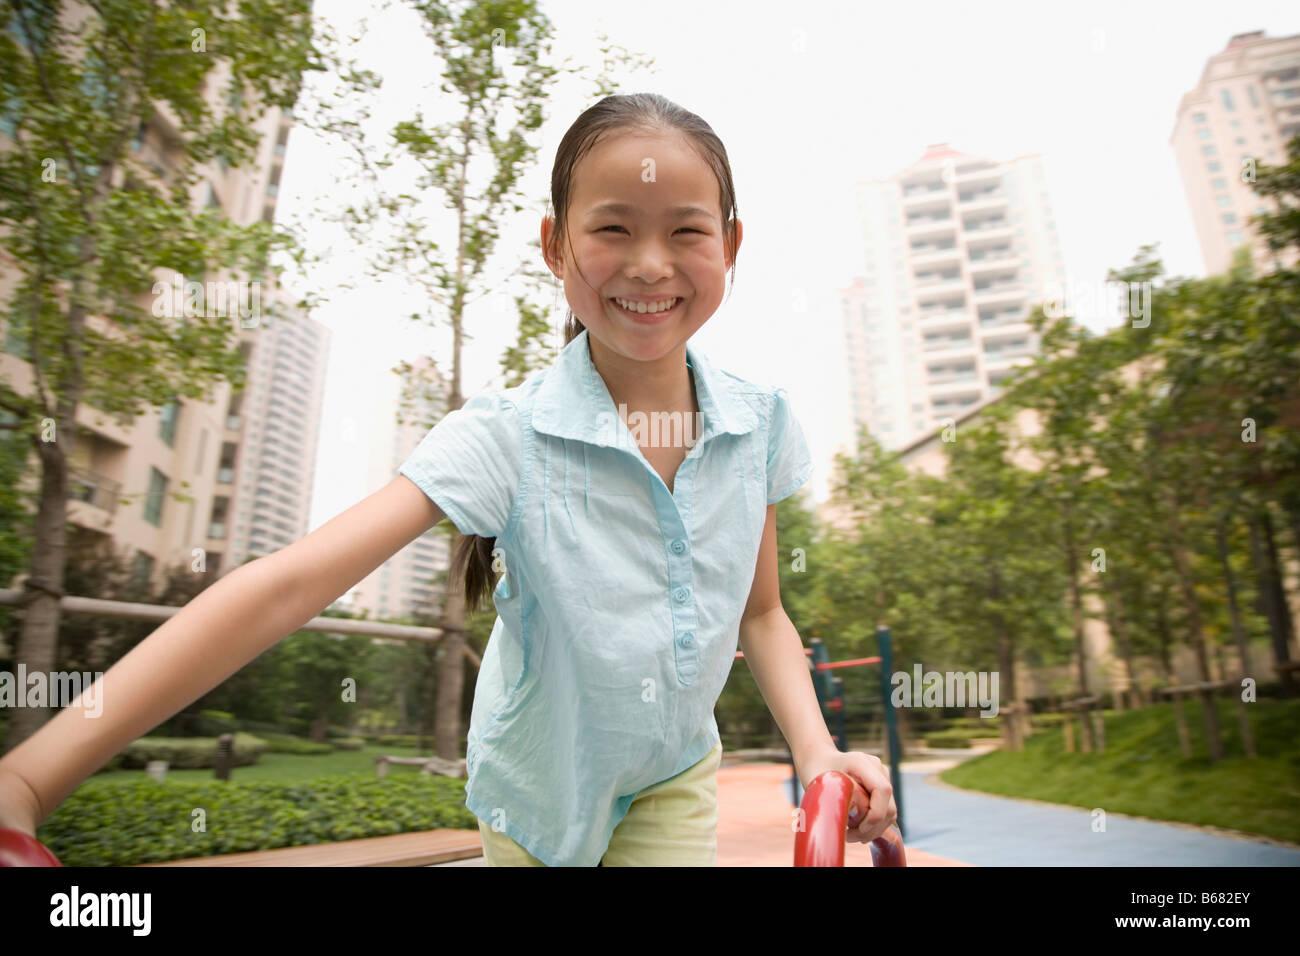 Portrait d'une jeune fille jouant sur un manège et souriant Photo Stock